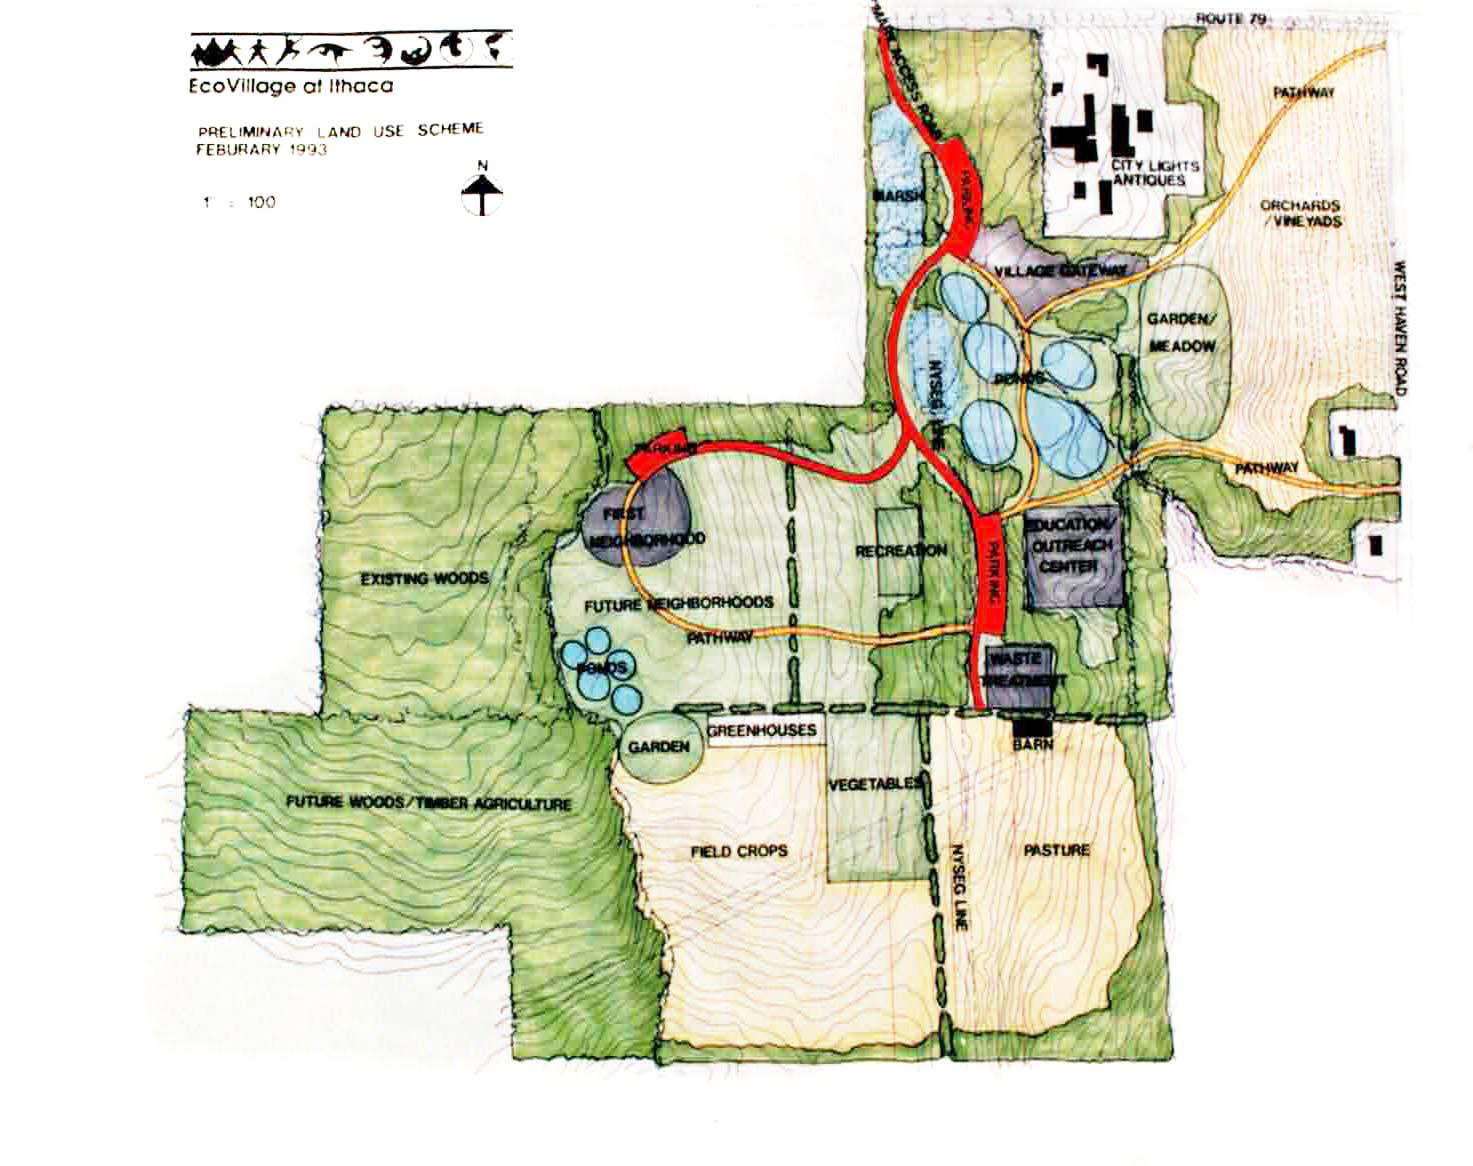 Ecovillage at Ithaca-Prelim-land use scheme-1993.jpg